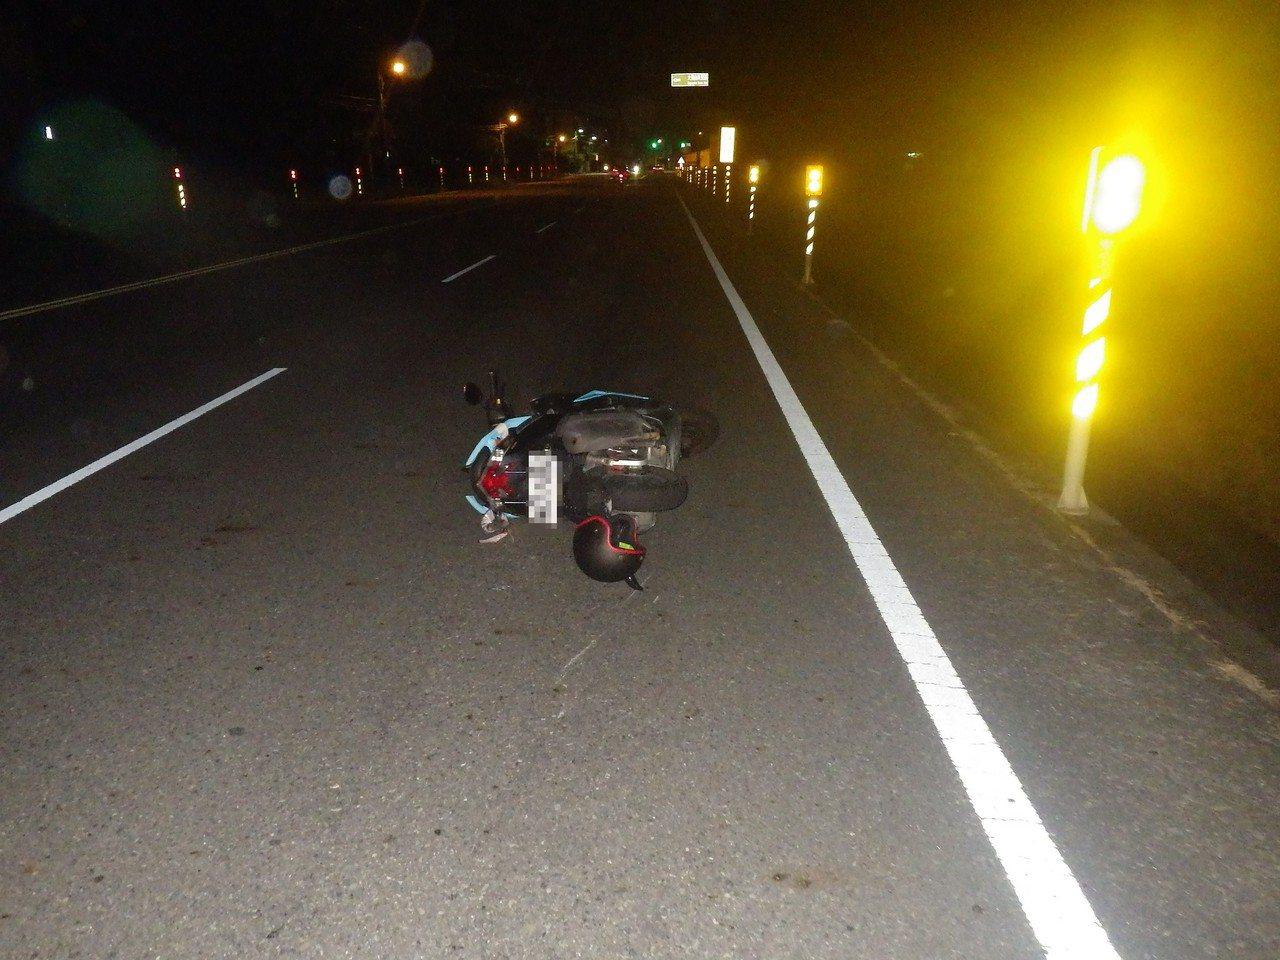 高市一名男機車騎士夜晚自摔,地面上沒有任何障礙物。記者徐白櫻/翻攝